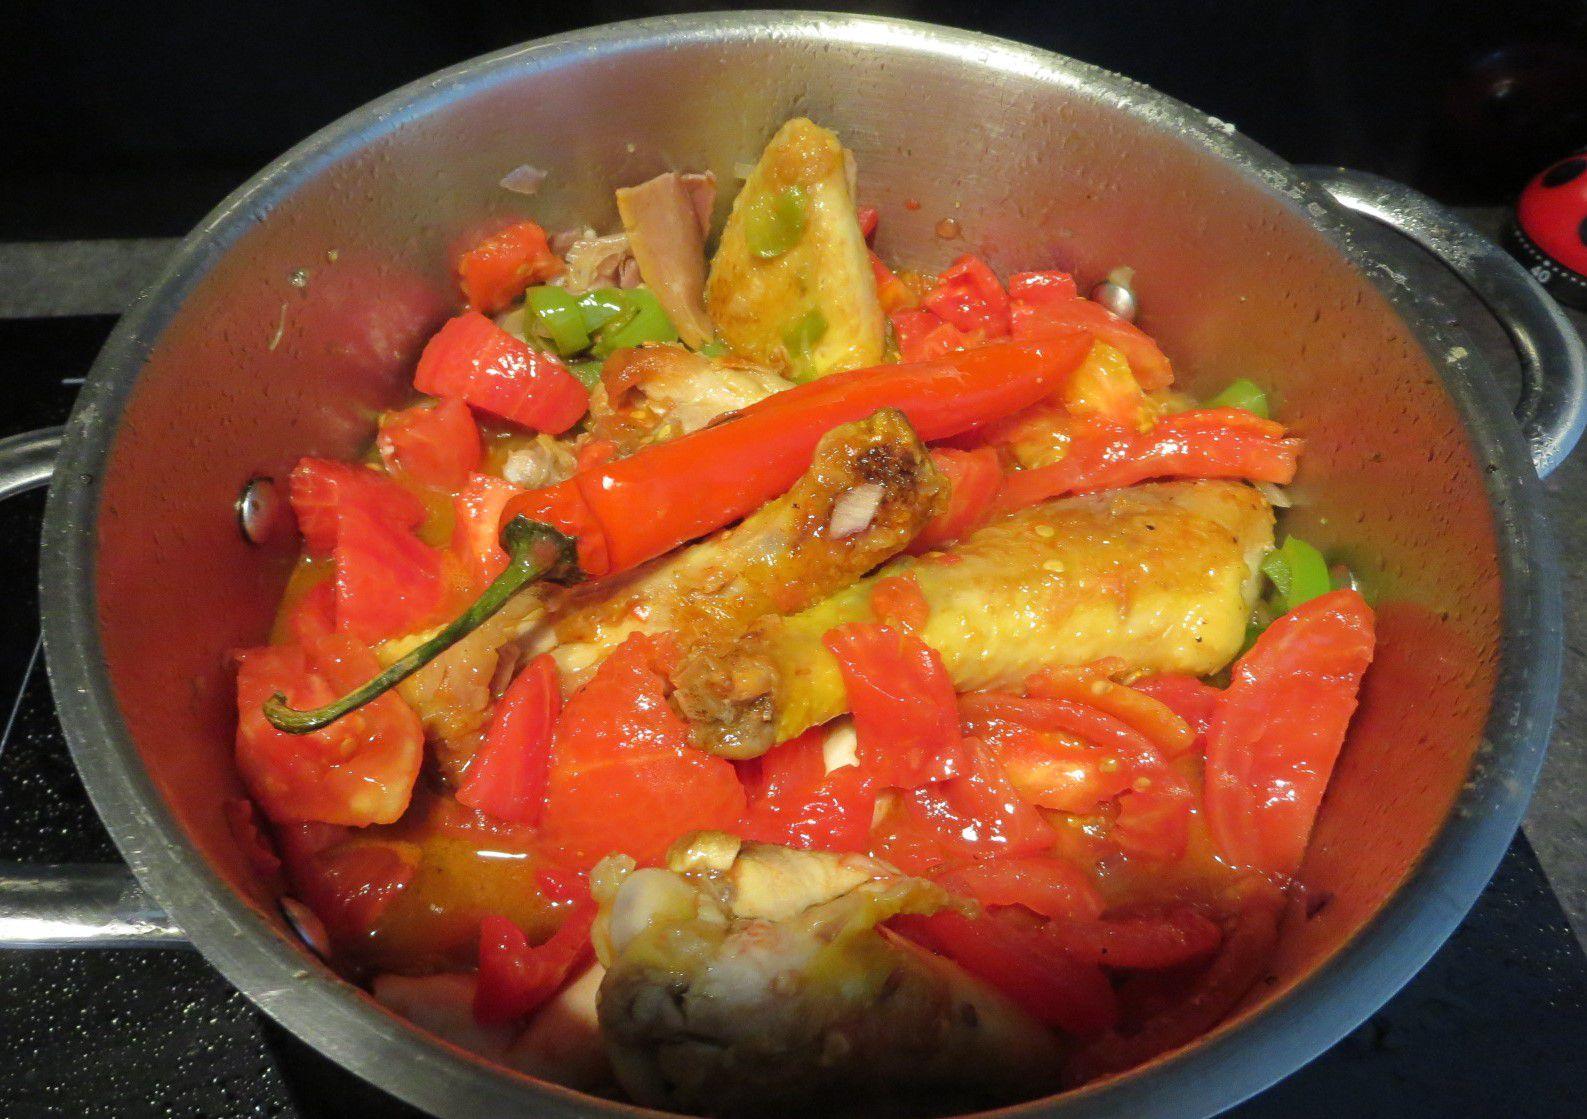 2 ailes/2 pilons/1 haut de cuisse; poulet qui se tient à la cuisson; des tomates mûres; du jambon cru; du chorizo; oignons/ail/persil/thym/basilic/ sel/poivre/1 piment fort. Piments corne verts. ET pour finir en douceur des petites aubergines cuites au four .